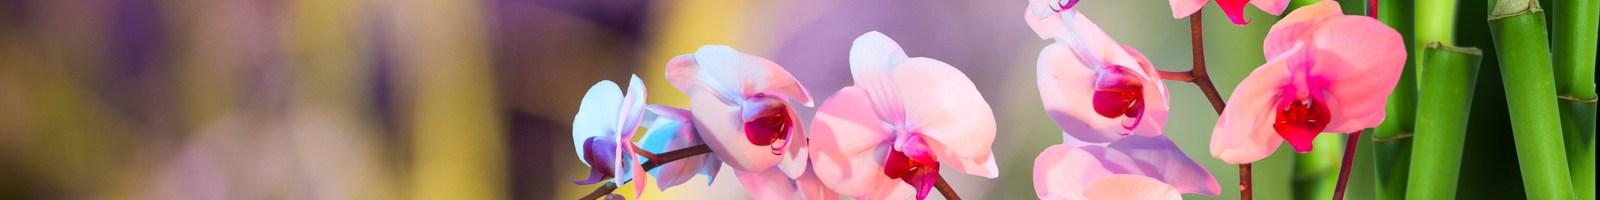 5 exercices de pleine conscience pour augmenter la joie